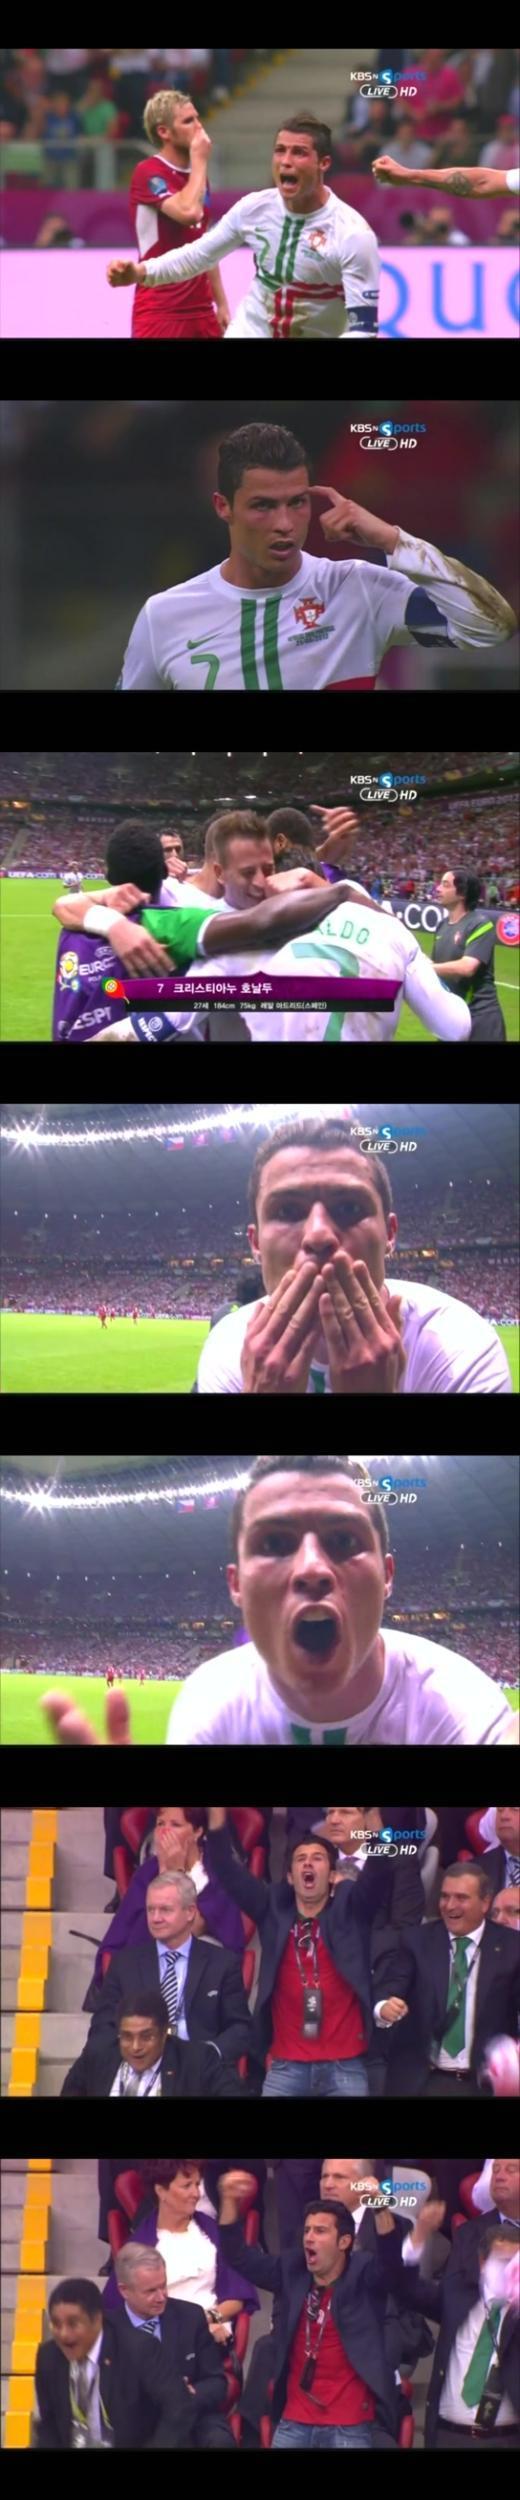 결승골을 넣은 호날두가 기쁨의 골세레모니를 펼치고 있다. 아래에는 이날 경기장을 찾은 포르투갈의 '두 전설적인 영웅' 에우제비오와 루이스 피구.(사진-KBSnsports 중계화면 캡쳐)